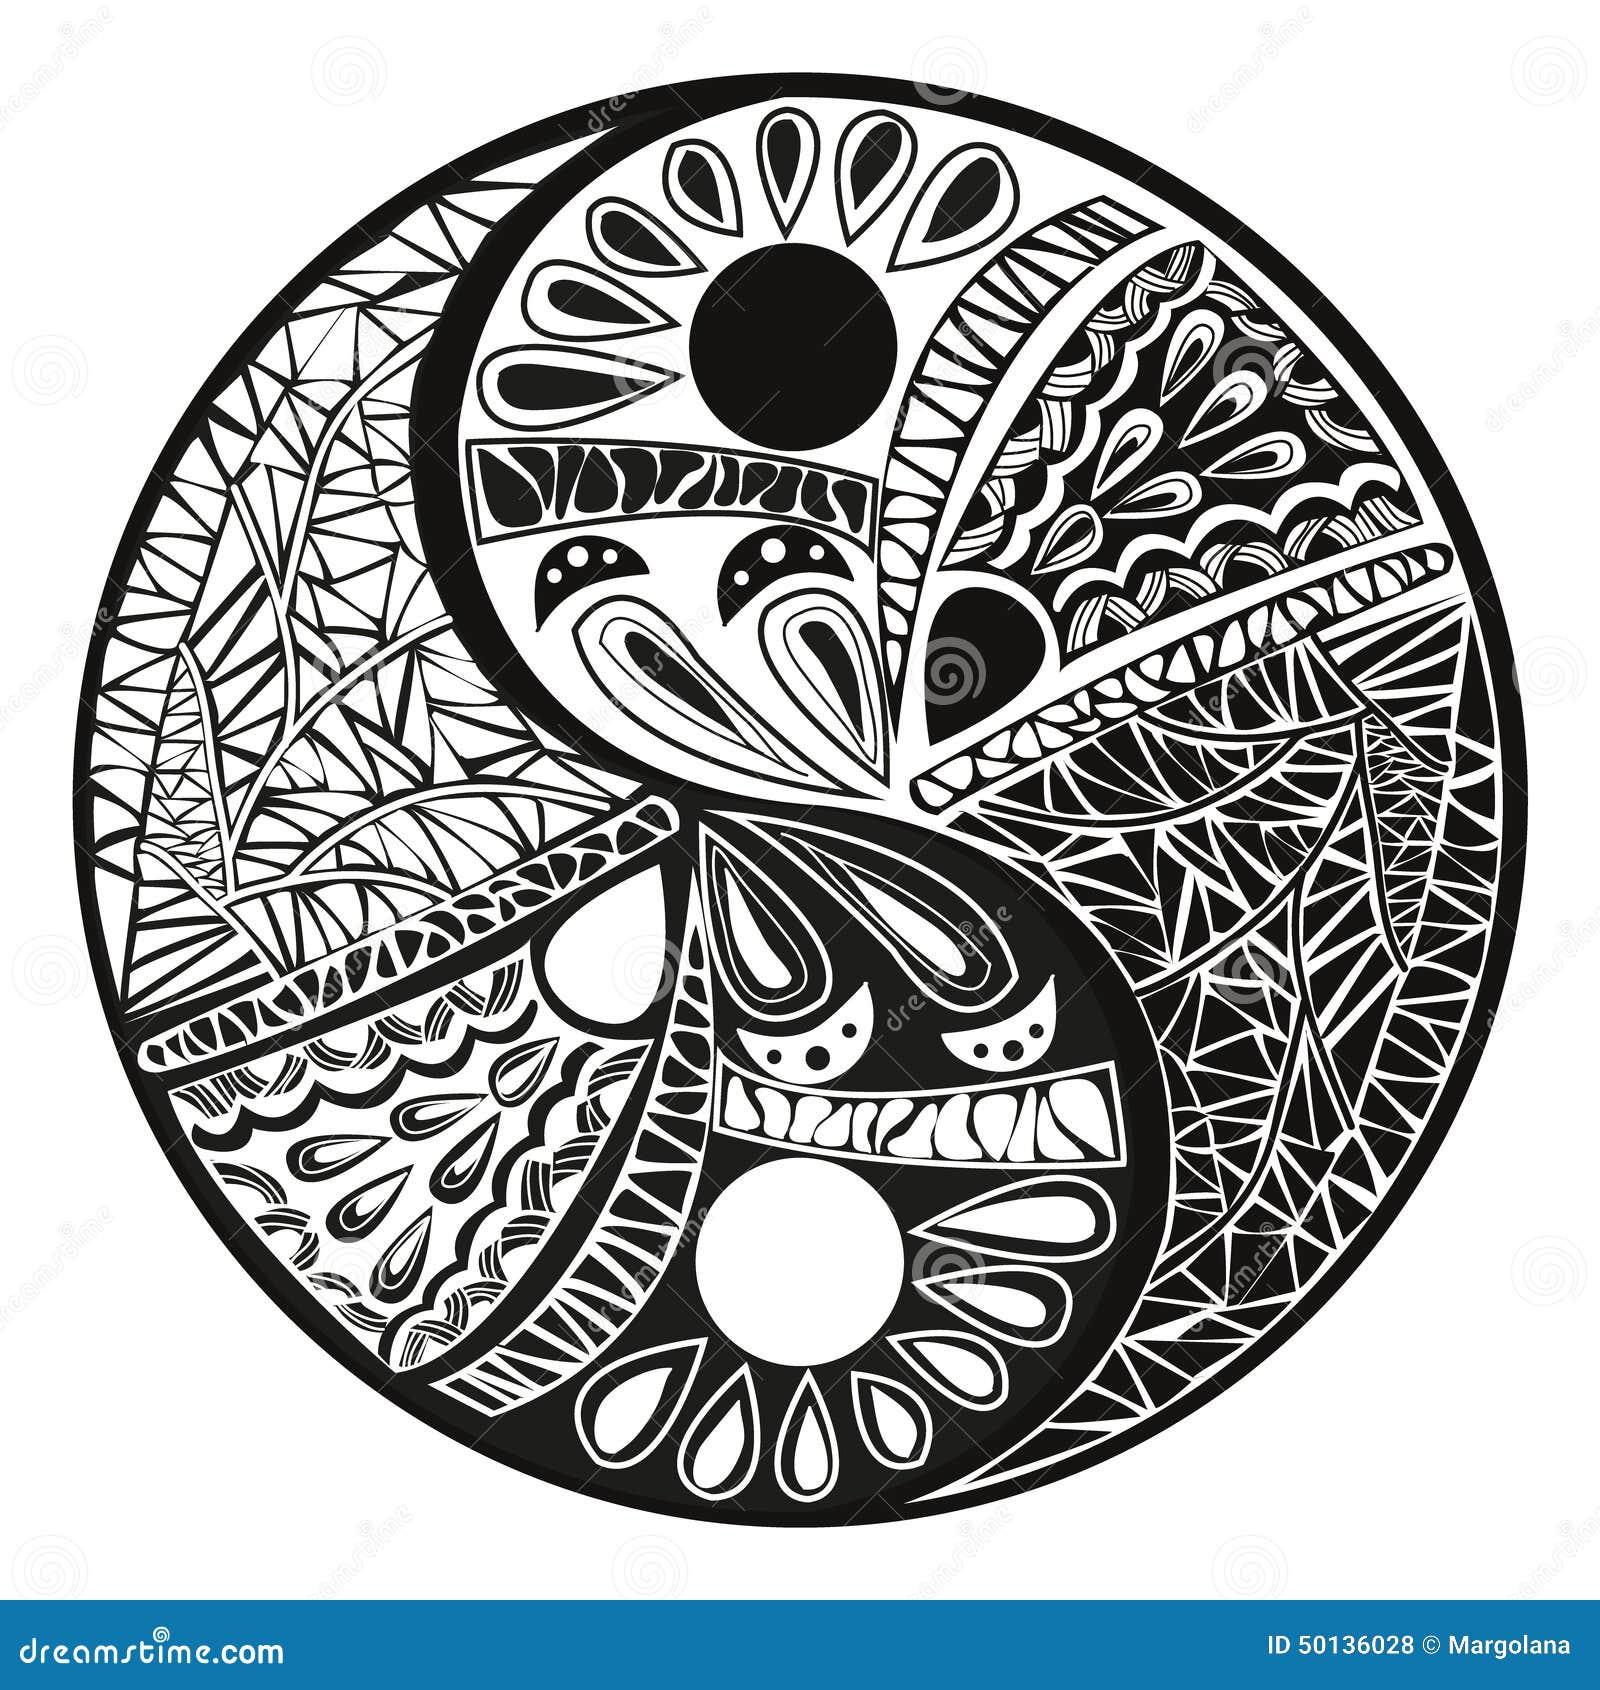 Yin Yang Tattoo For Design Symbol Illustration Stock